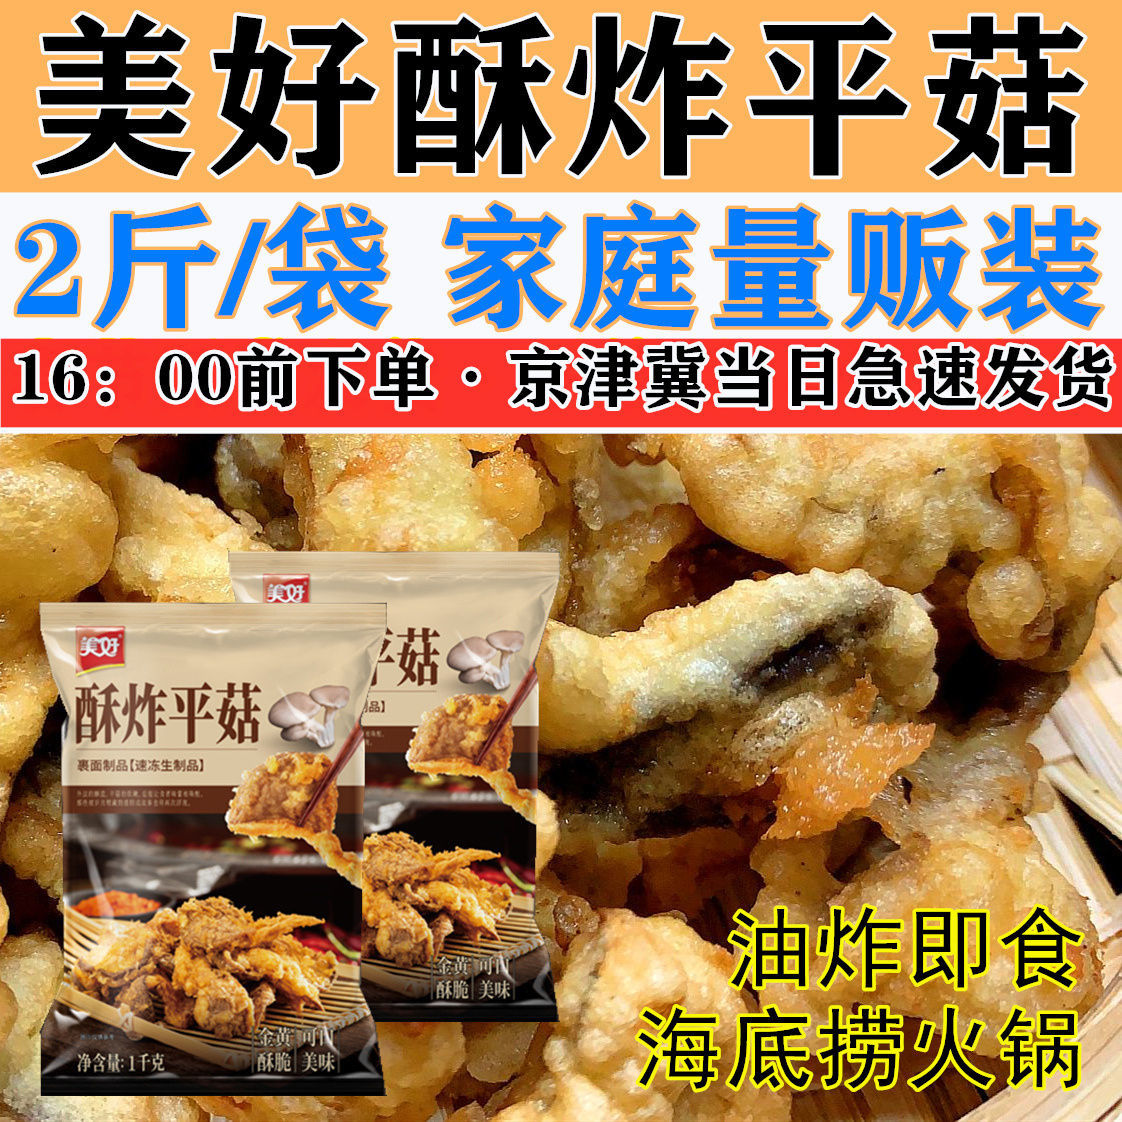 美好酥炸平菇1000g油炸蘑菇油炸小酥肉海底捞火锅炸酥蘑炸酥肉